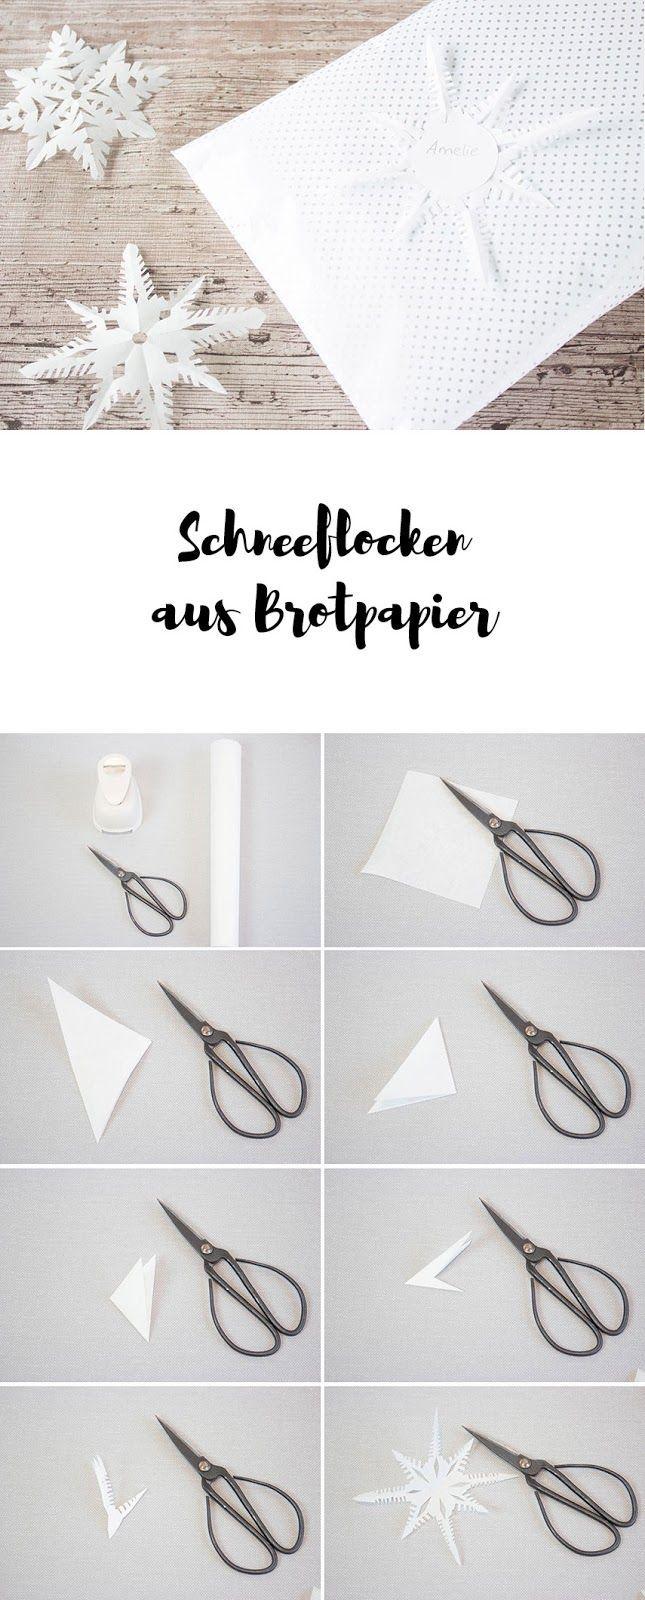 * 16 * Schneeflöckchen Geschenke | ars textura – DIY-Blog